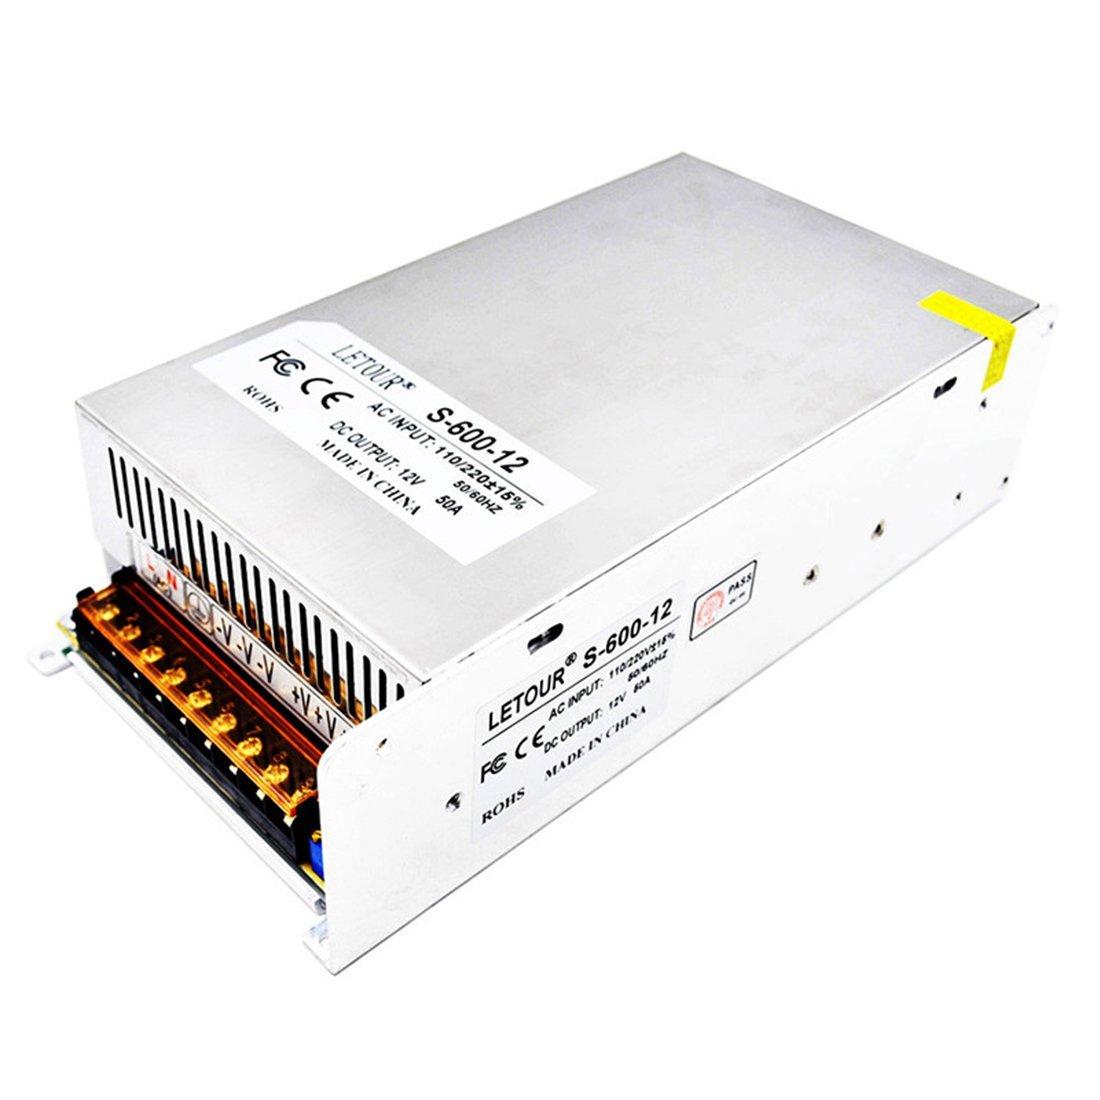 Letour LED Power Supply 12V 50A AC 96V-240V Converter Adapter DC S-600W-12 Power Supply for LED Lighting,LED Strip,CCTV